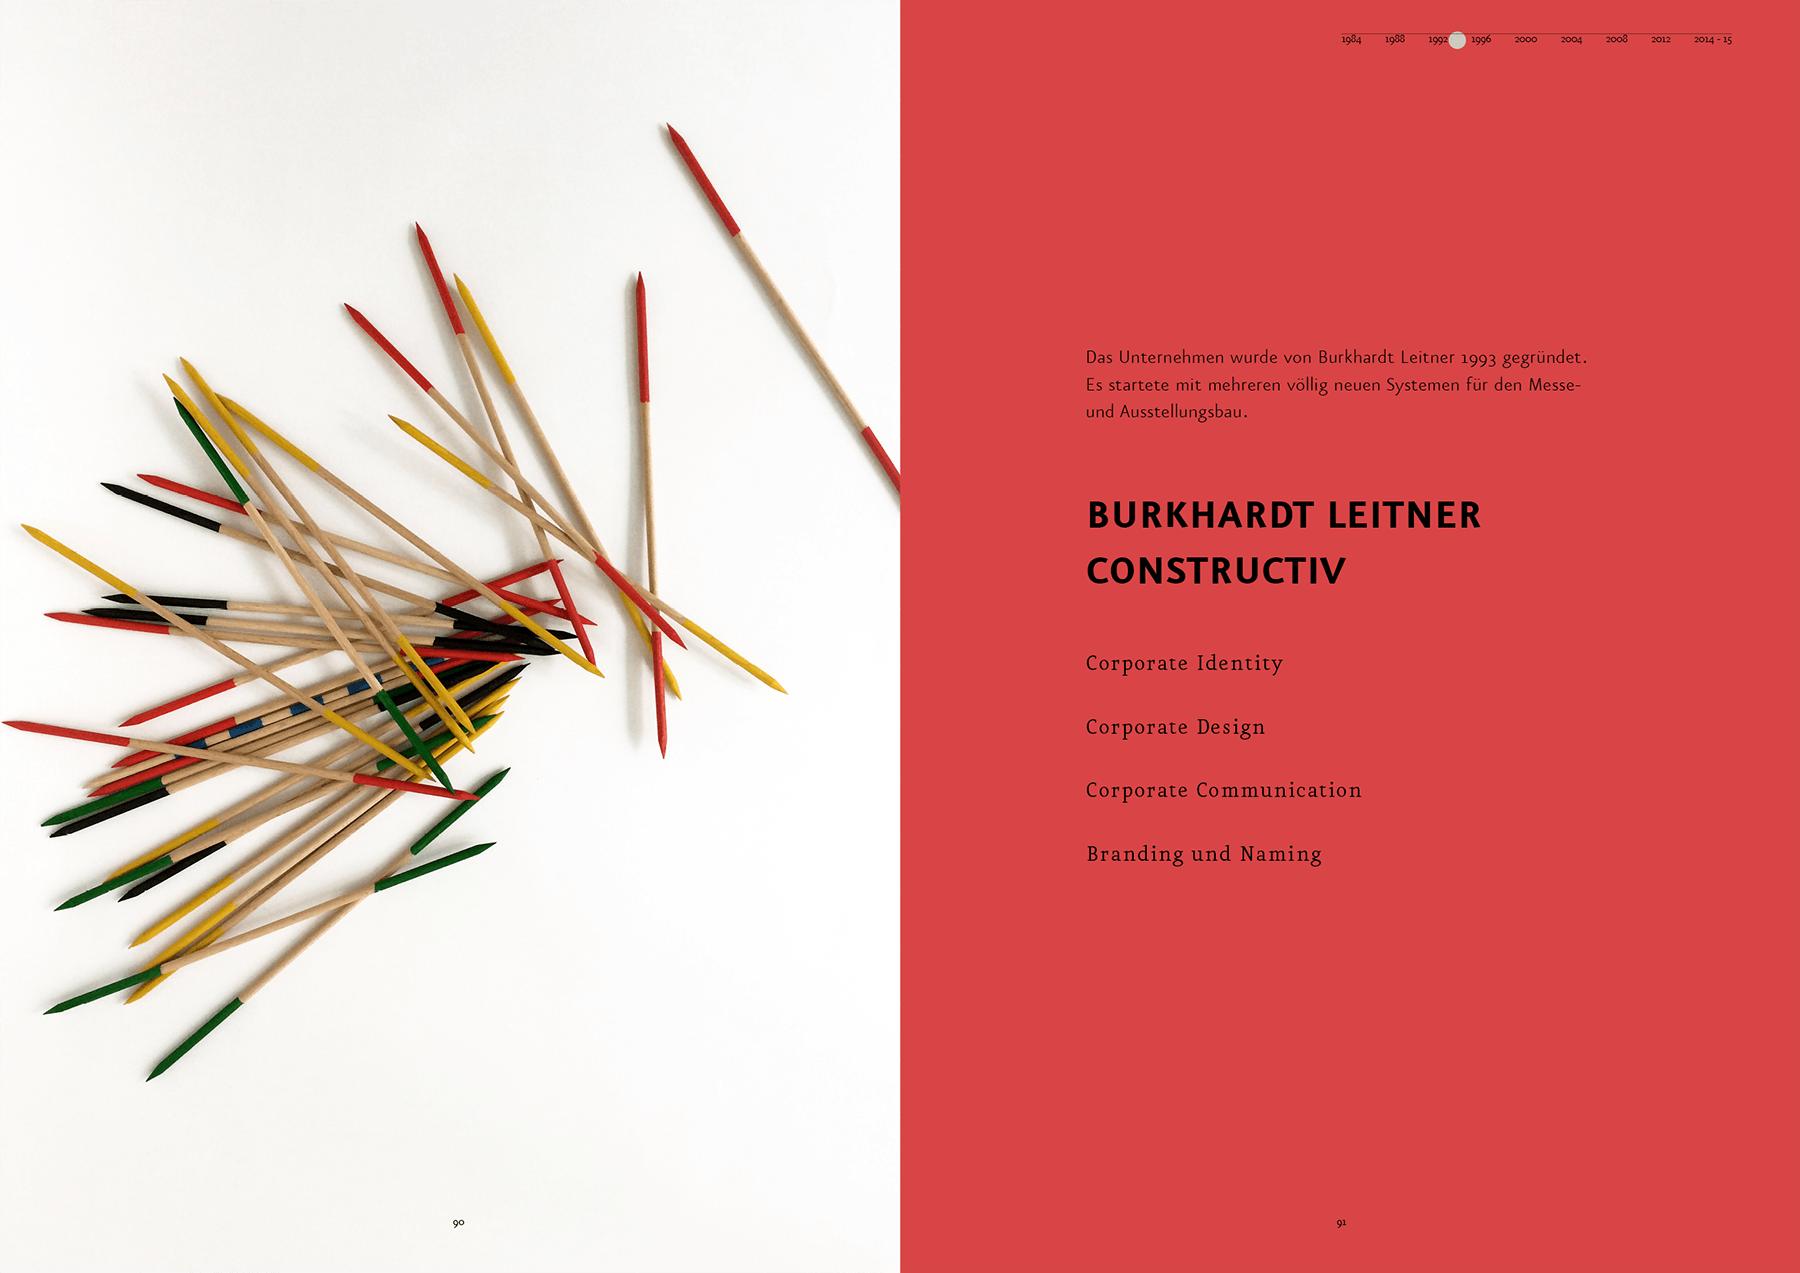 sabine-mescher-sichtung-designbilderbuch-mikado-signet-key-visual-burkhardt-leitner-constructiv.png